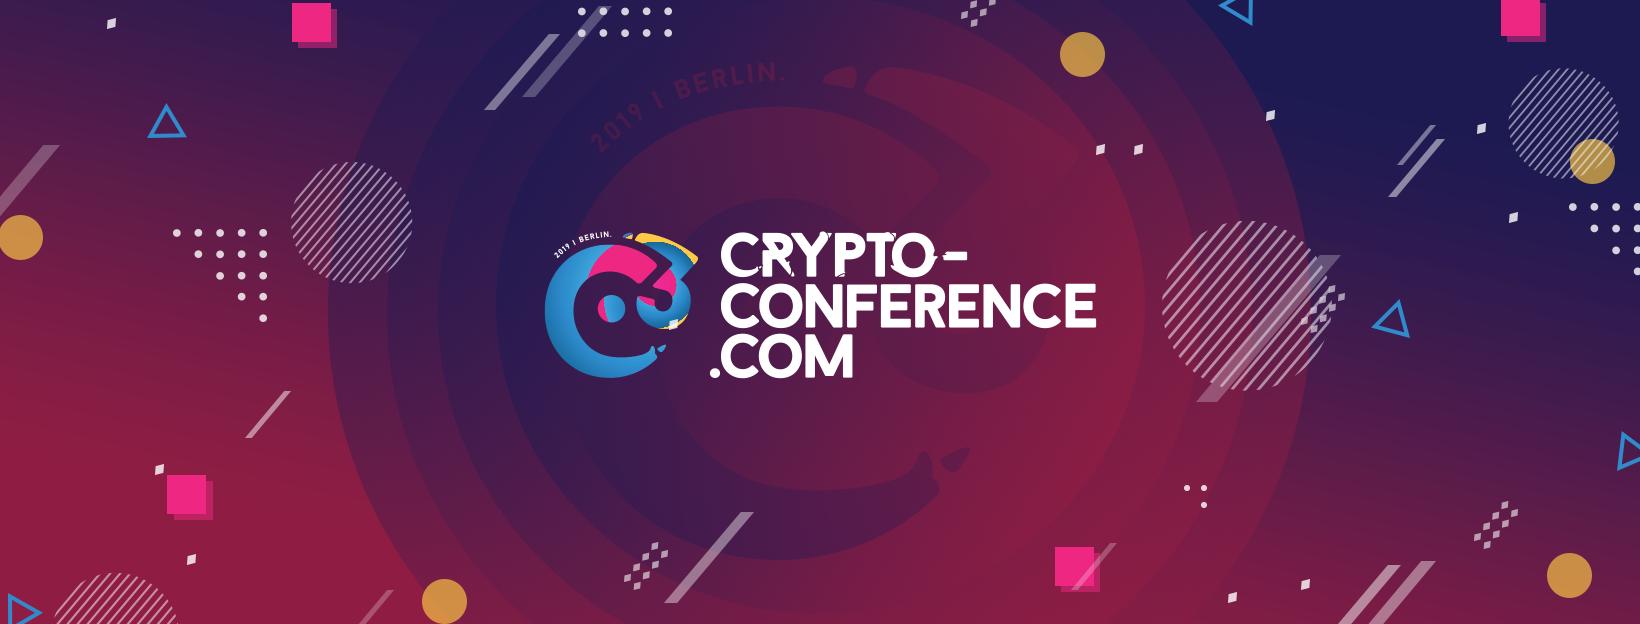 crypto-conference.com